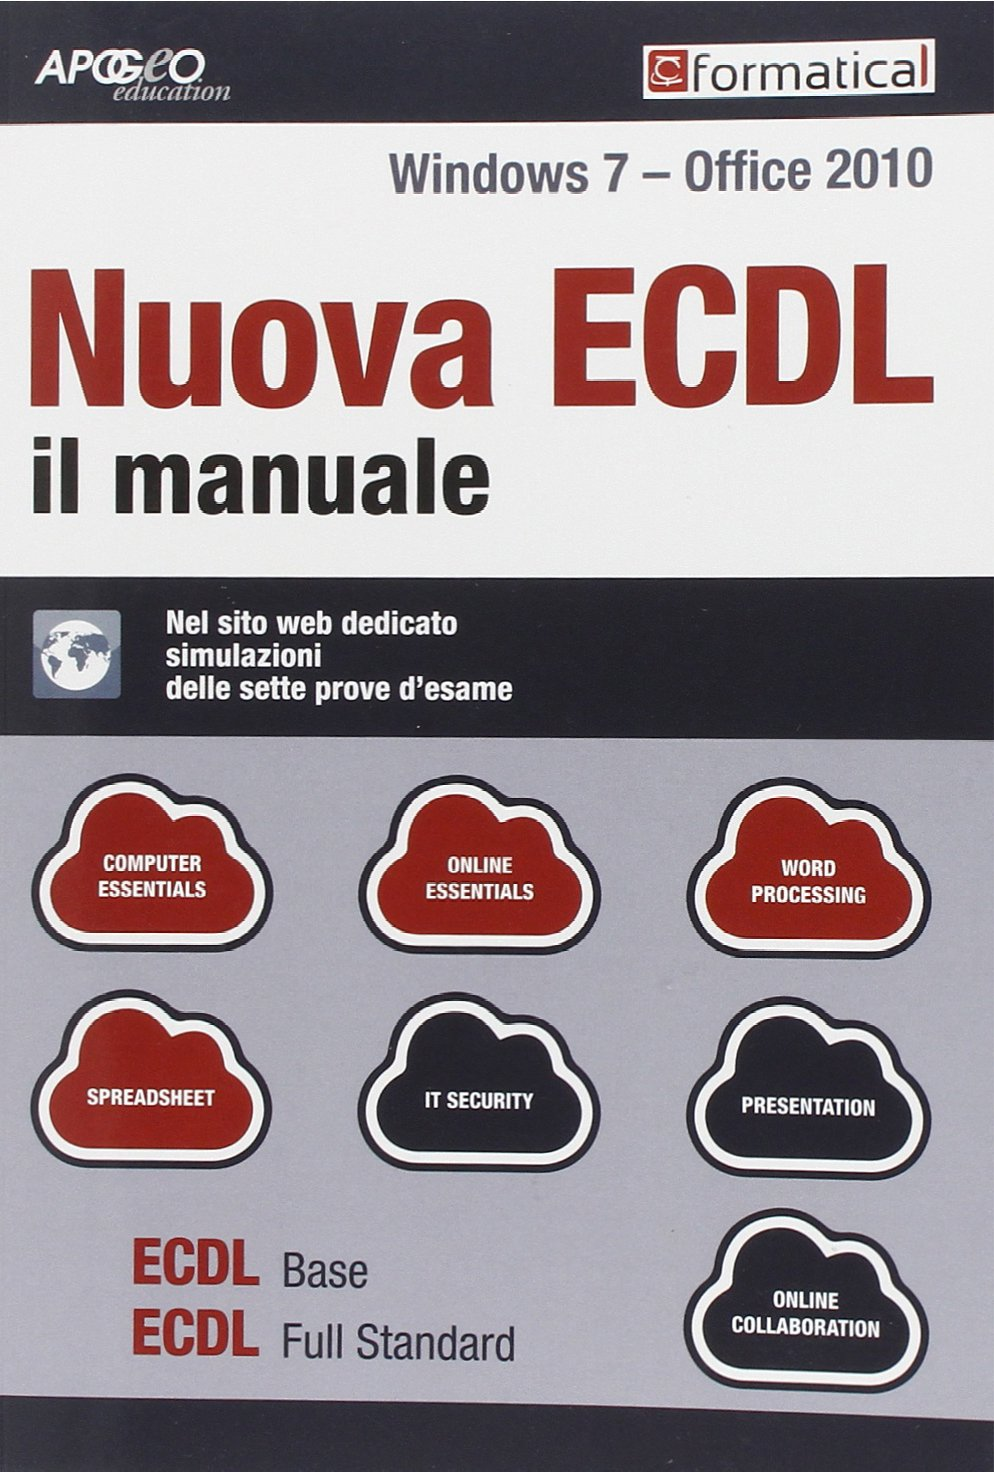 Nuova ECDL. Il manuale. Windows 7 Office 2010. Con aggiornamento online Copertina flessibile – 30 lug 2014 Formatica Apogeo Education 8891601705 Informatica